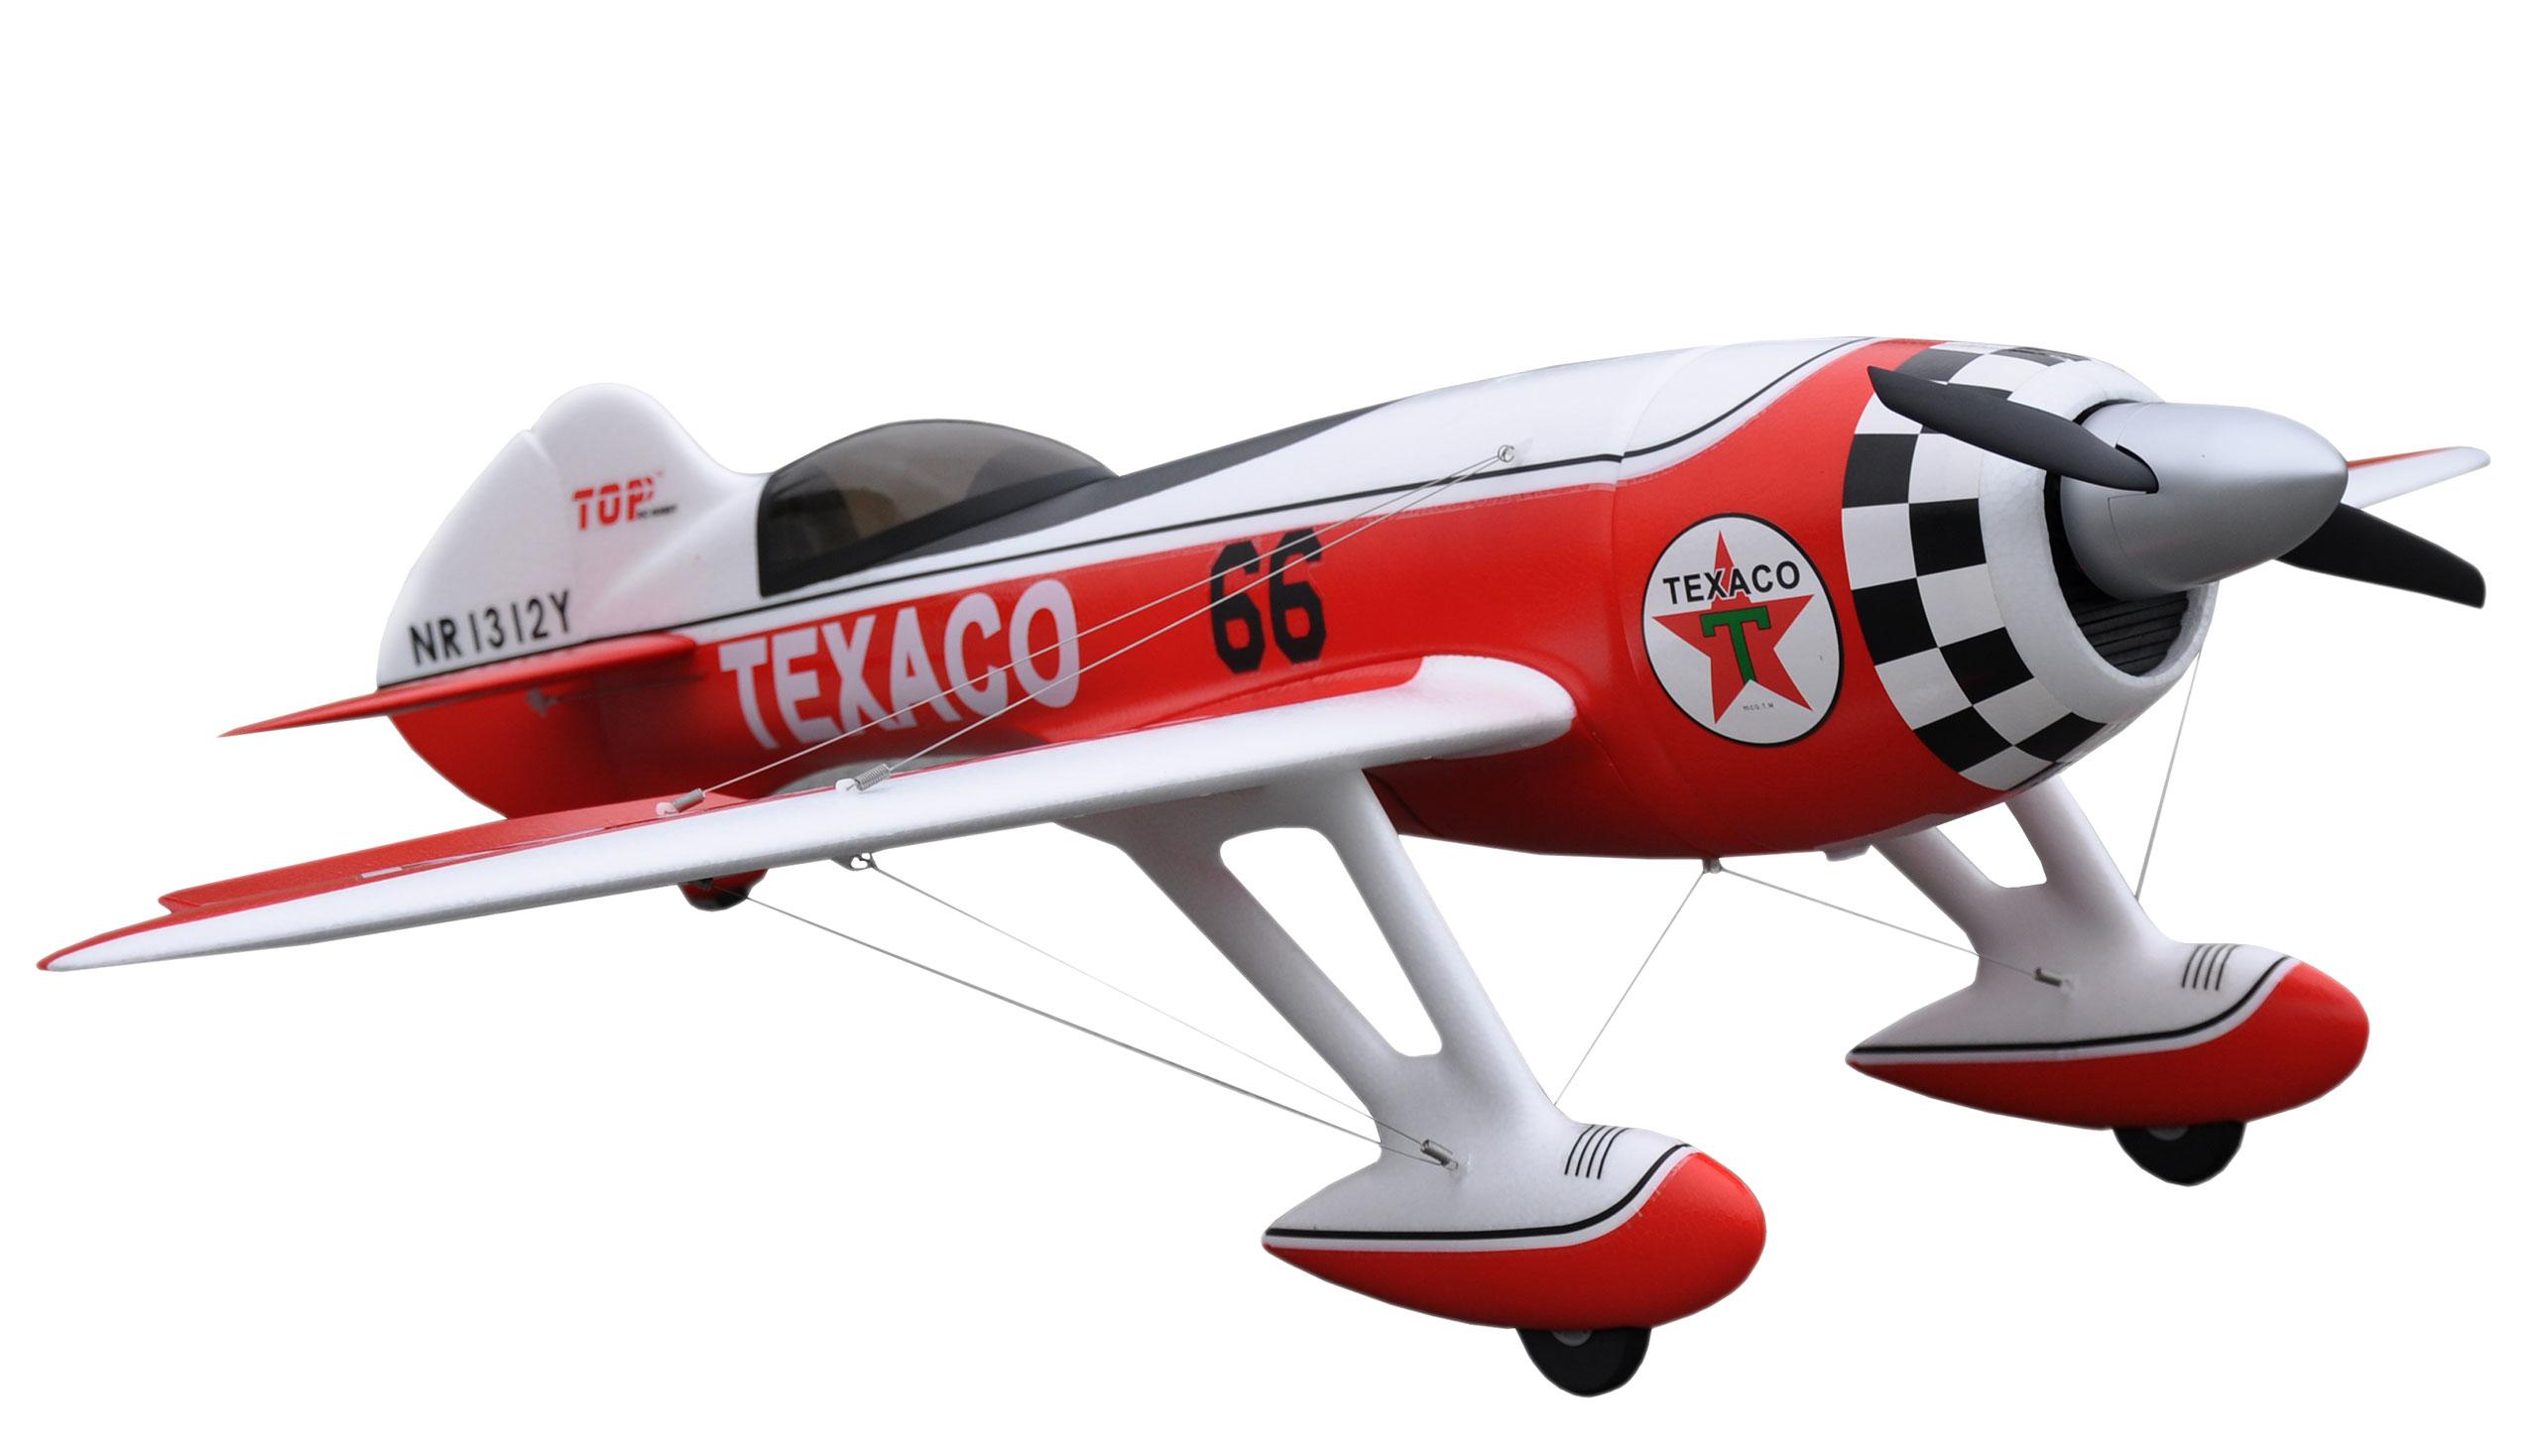 Vorschau: Amewi GeeBee PNP 4 Kanal SW - Funkgesteuertes Flugzeug für Kunstflug im Innenbereich - Elektromotor - Junge